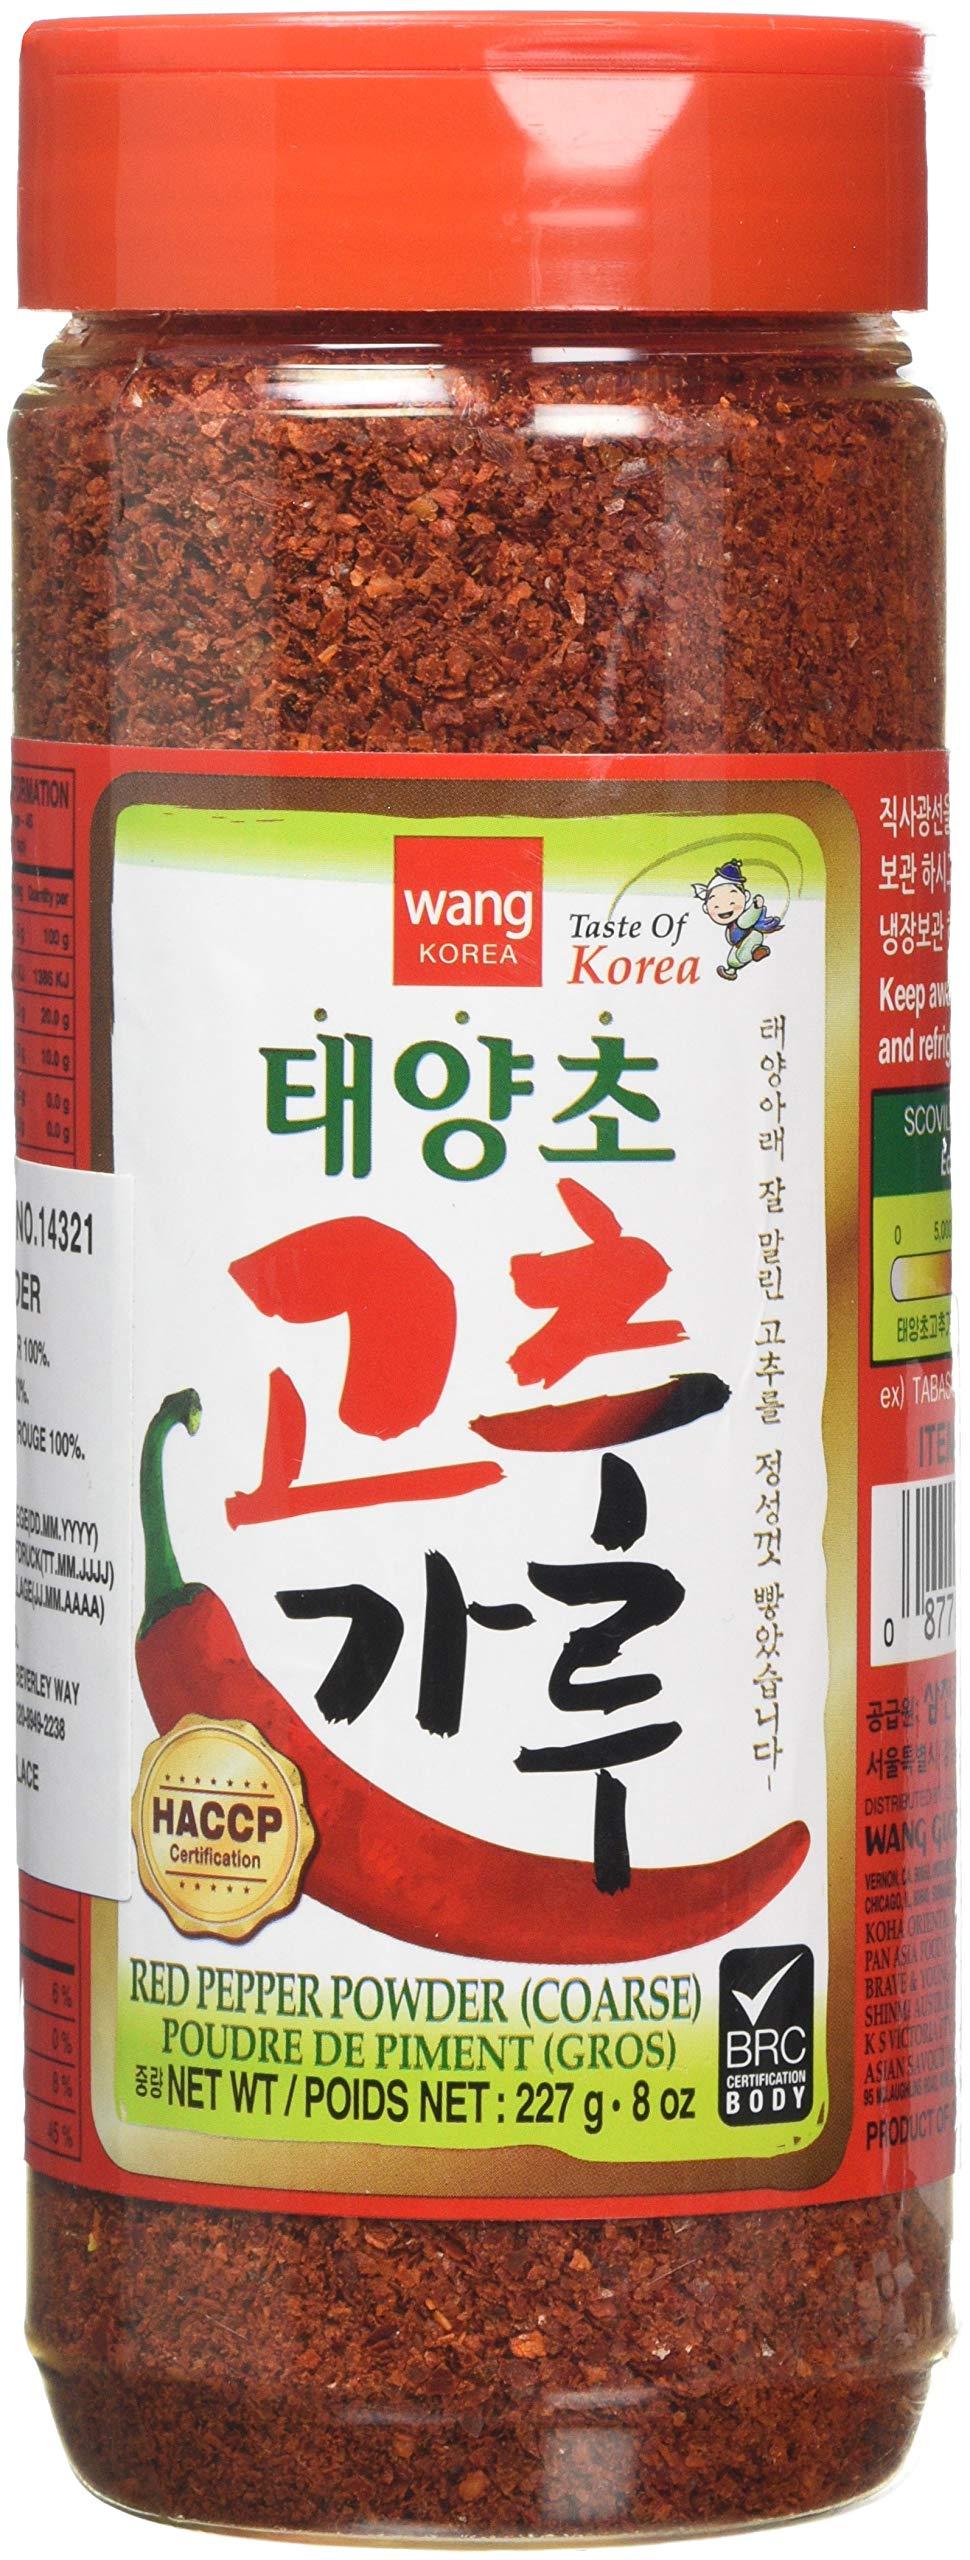 Wang Red Pepper Powder, 227g